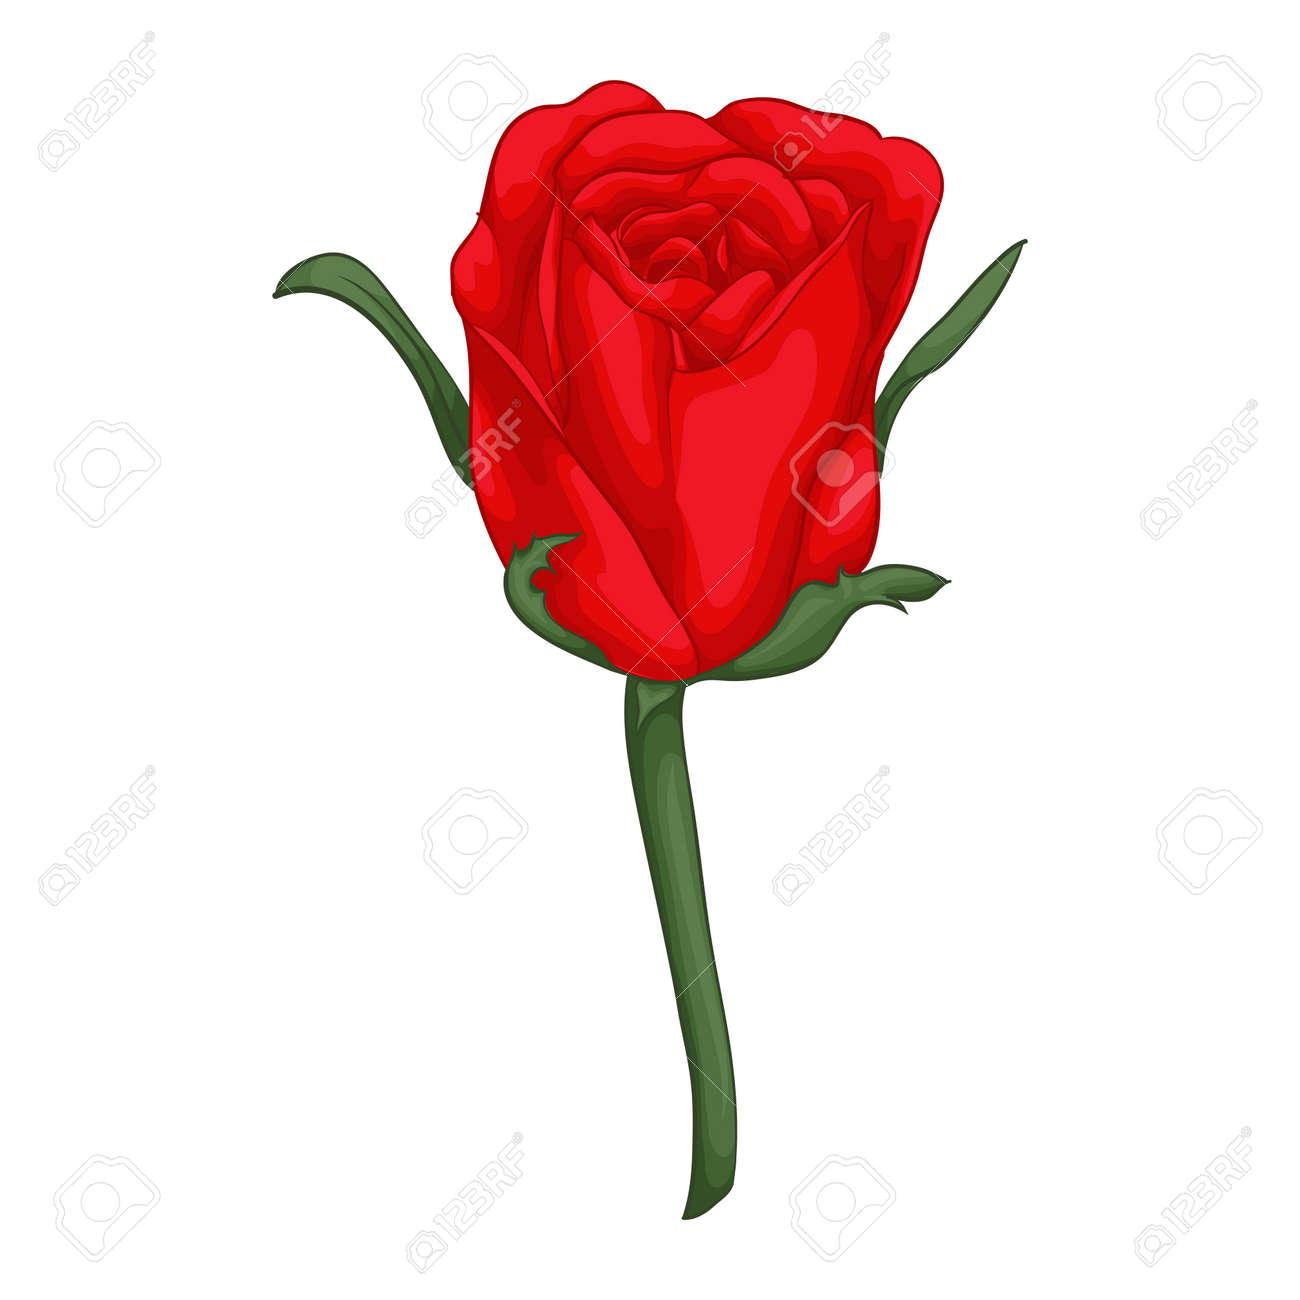 Schöne Rote Rose Isoliert Auf Weißem Hintergrund. Für Grußkarten Und  Einladungen Der Hochzeit, Geburtstag